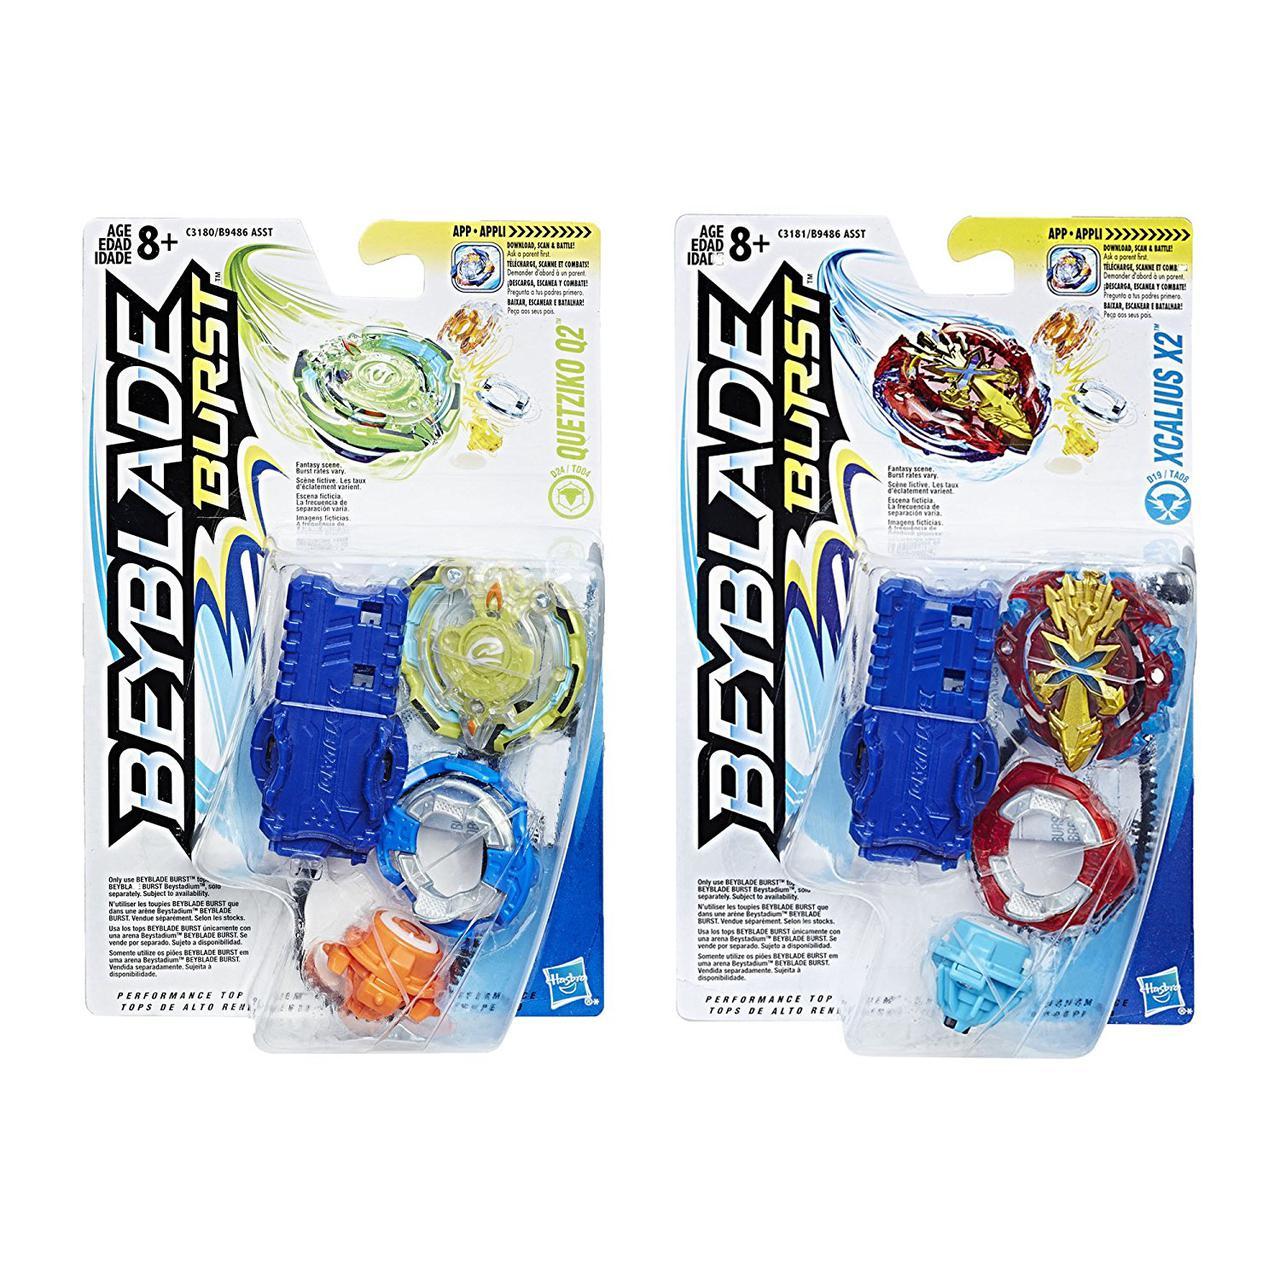 Набор волчок Кветзико Q2 и Екскалиус X2 Beyblade Burst 2-Pack Value Starter Pack Quetziko Q2 and Xcalius X2